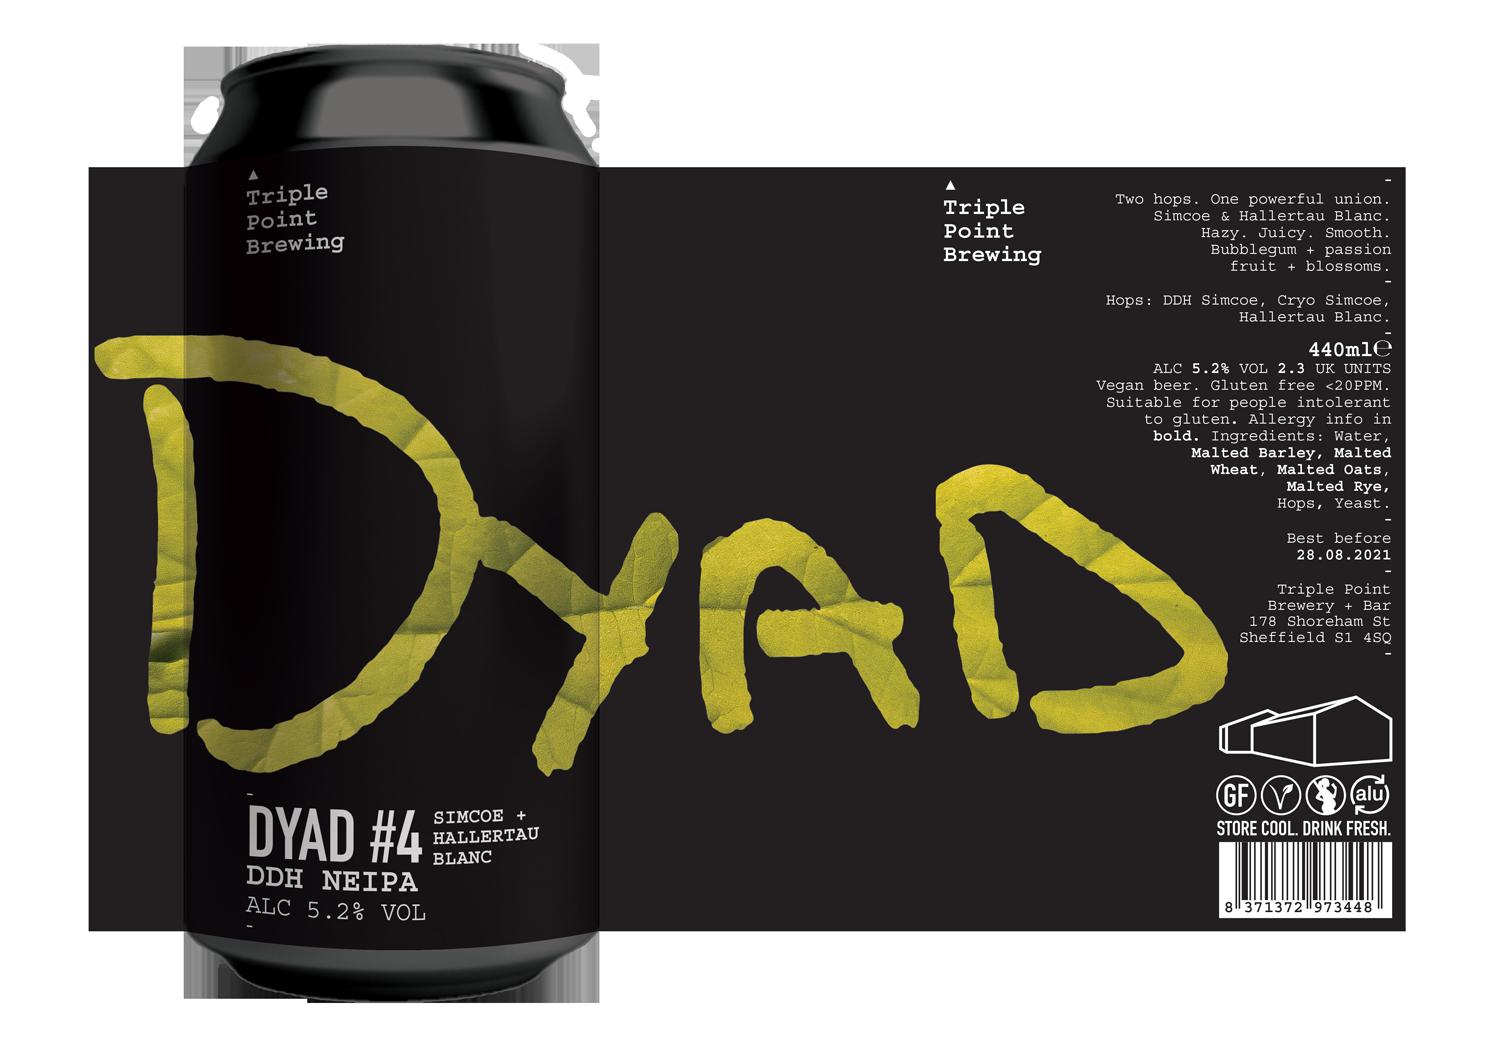 Triple Point Brewing | DYAD #4 | DDH  NEIPA 5.2% 440ml